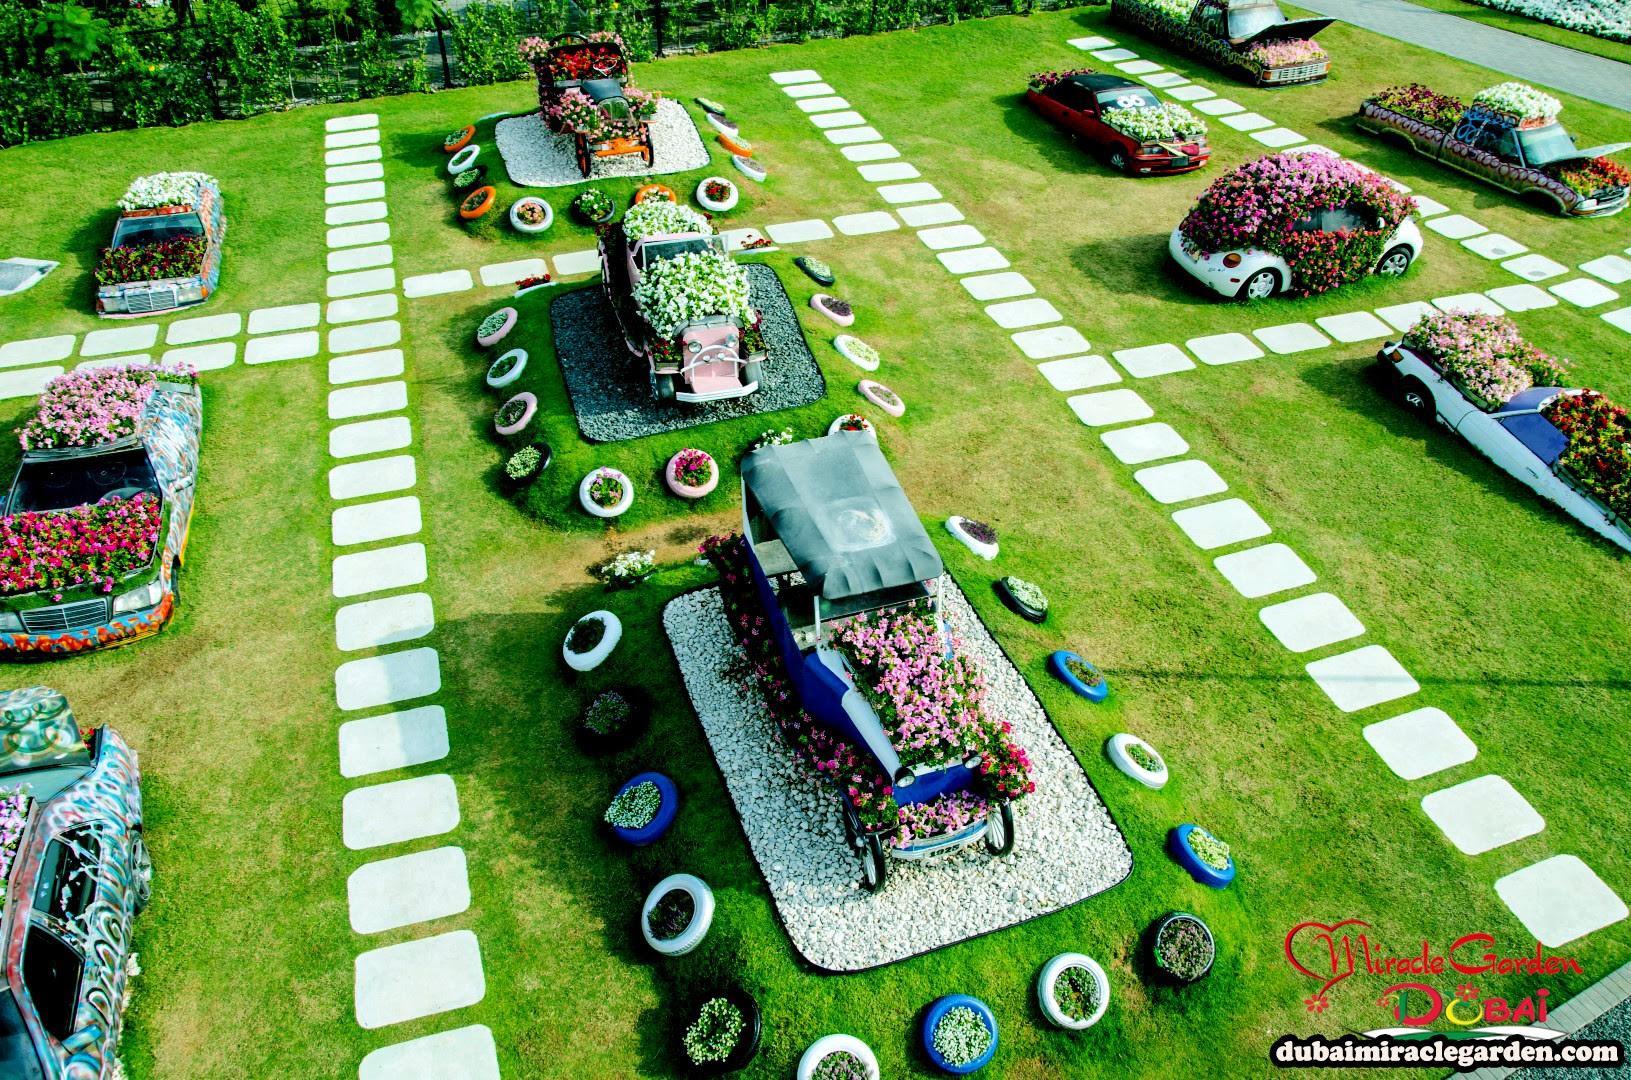 Dubai Miracle Garden 29